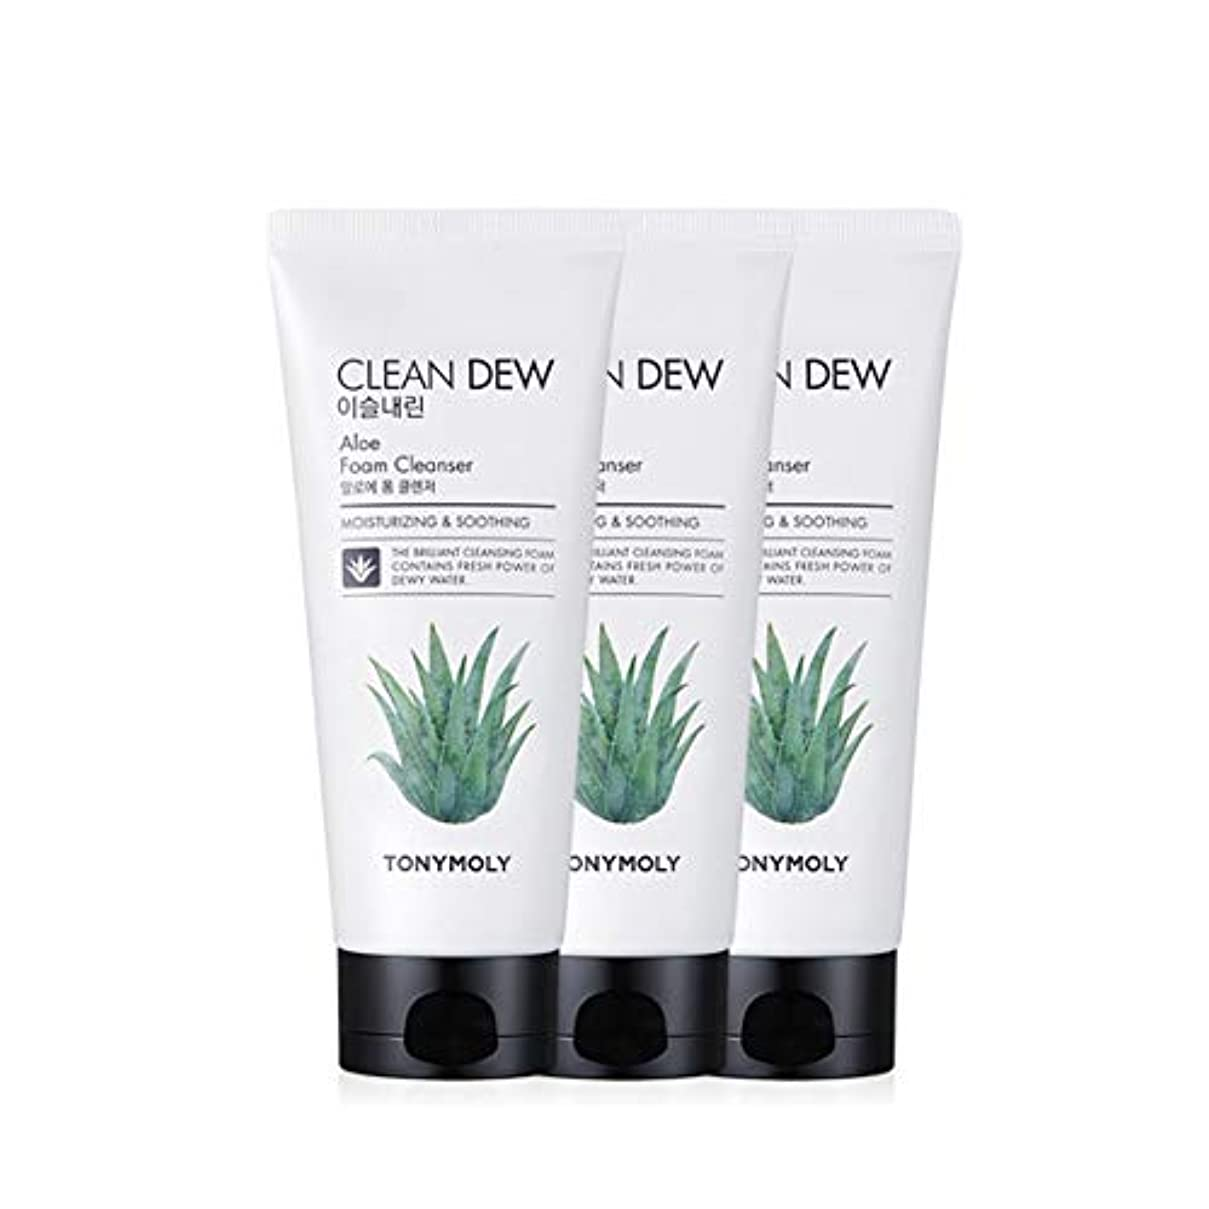 パイロット時間厳守補正トニーモリークリーンデューアロエフォームクレンザー180mlx3本セット韓国コスメ、Tonymoly Clean Dew Aloe Foam Cleanser 180ml x 3ea Set Korean Cosmetics...